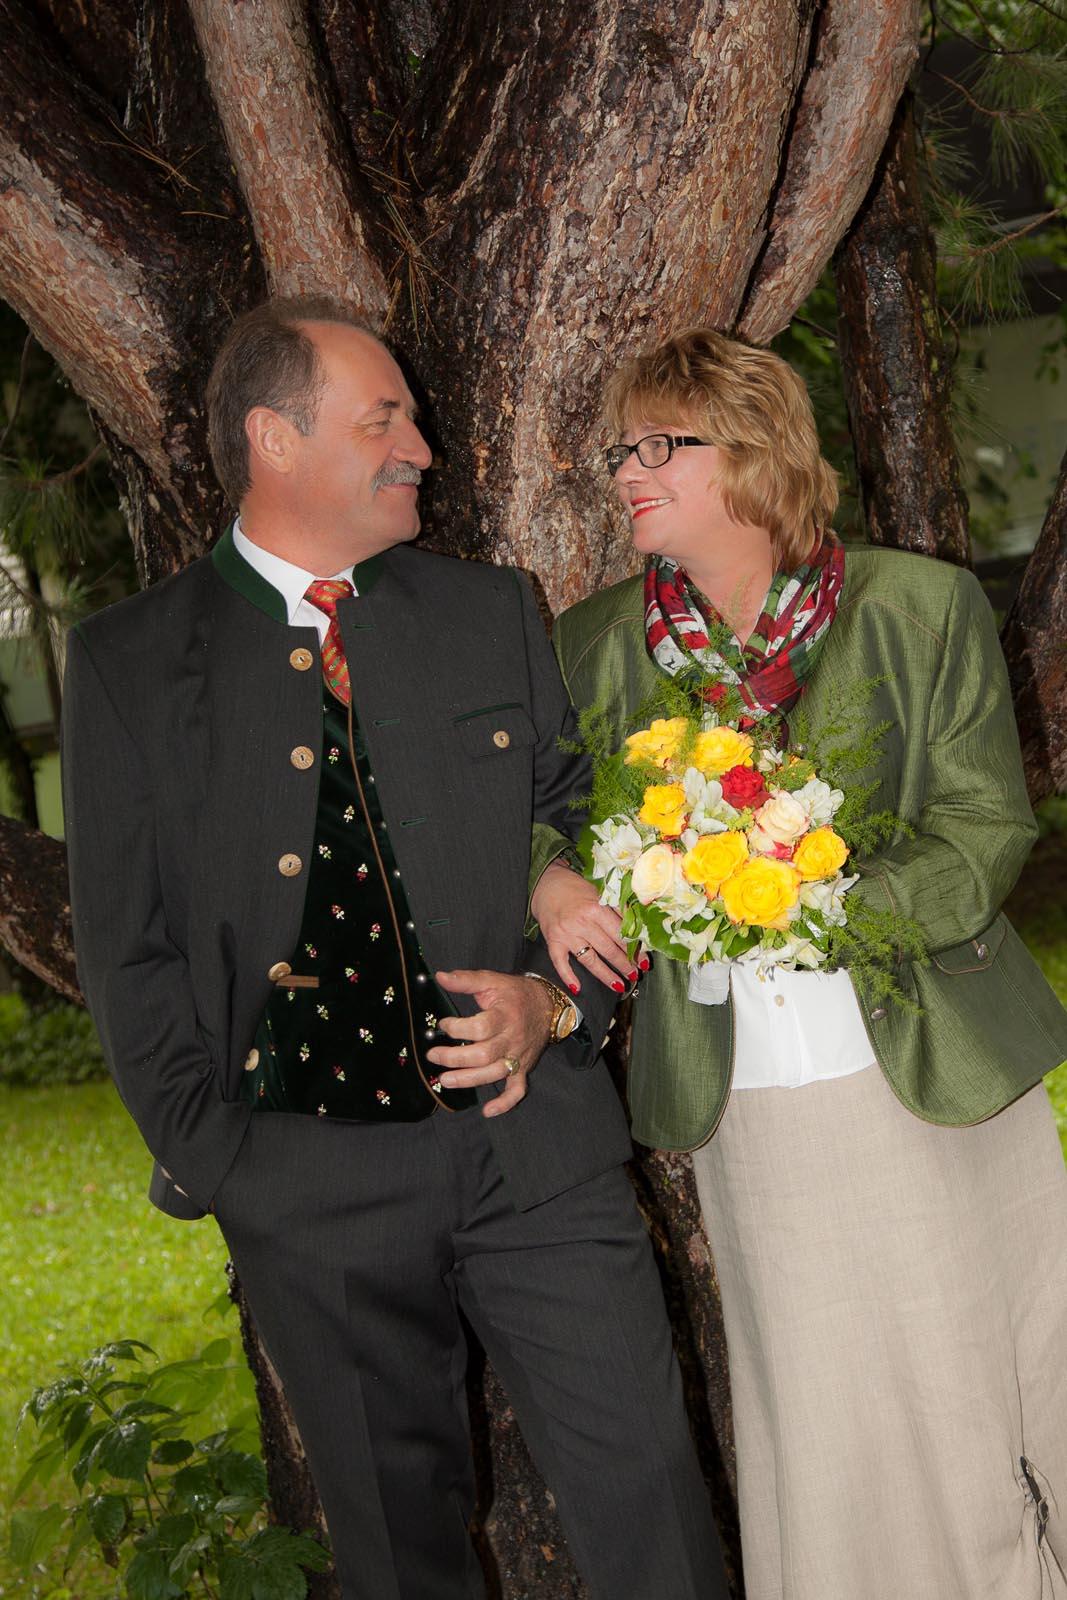 Hochzeit-Portraits-Lutz-Hochzeit-Lutz-6777.jpg